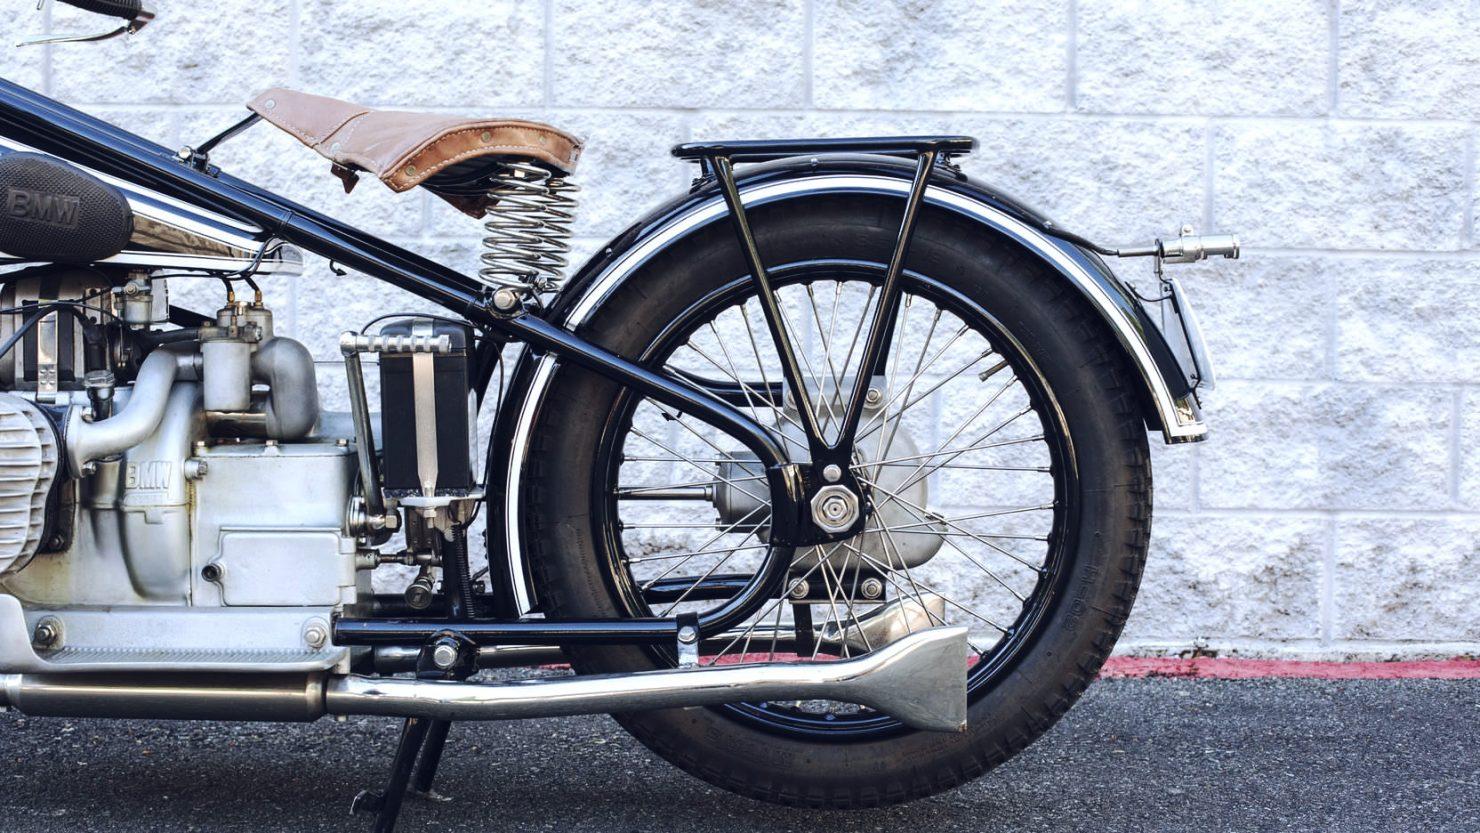 BMW R62 7 1480x833 - 1929 BMW R62